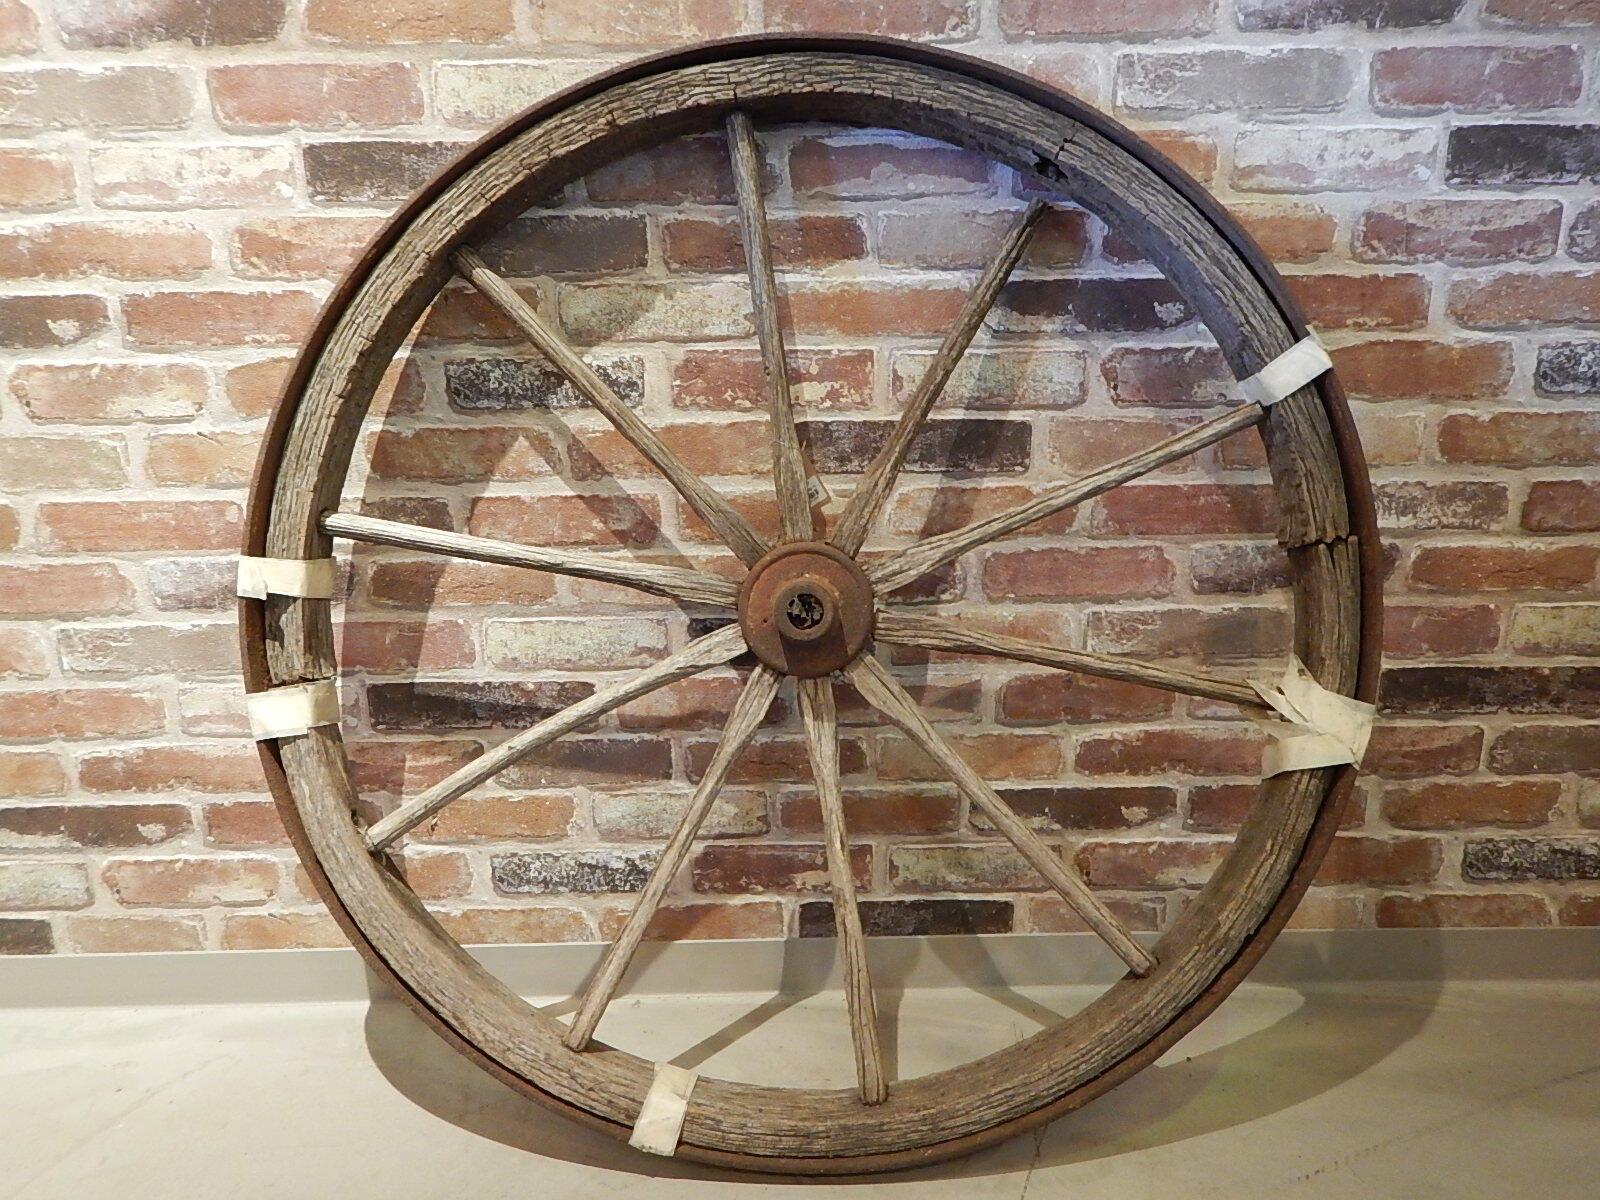 品番1164 ワゴンタイヤ 車輪 荷車 木製 ヴィンテージ 011